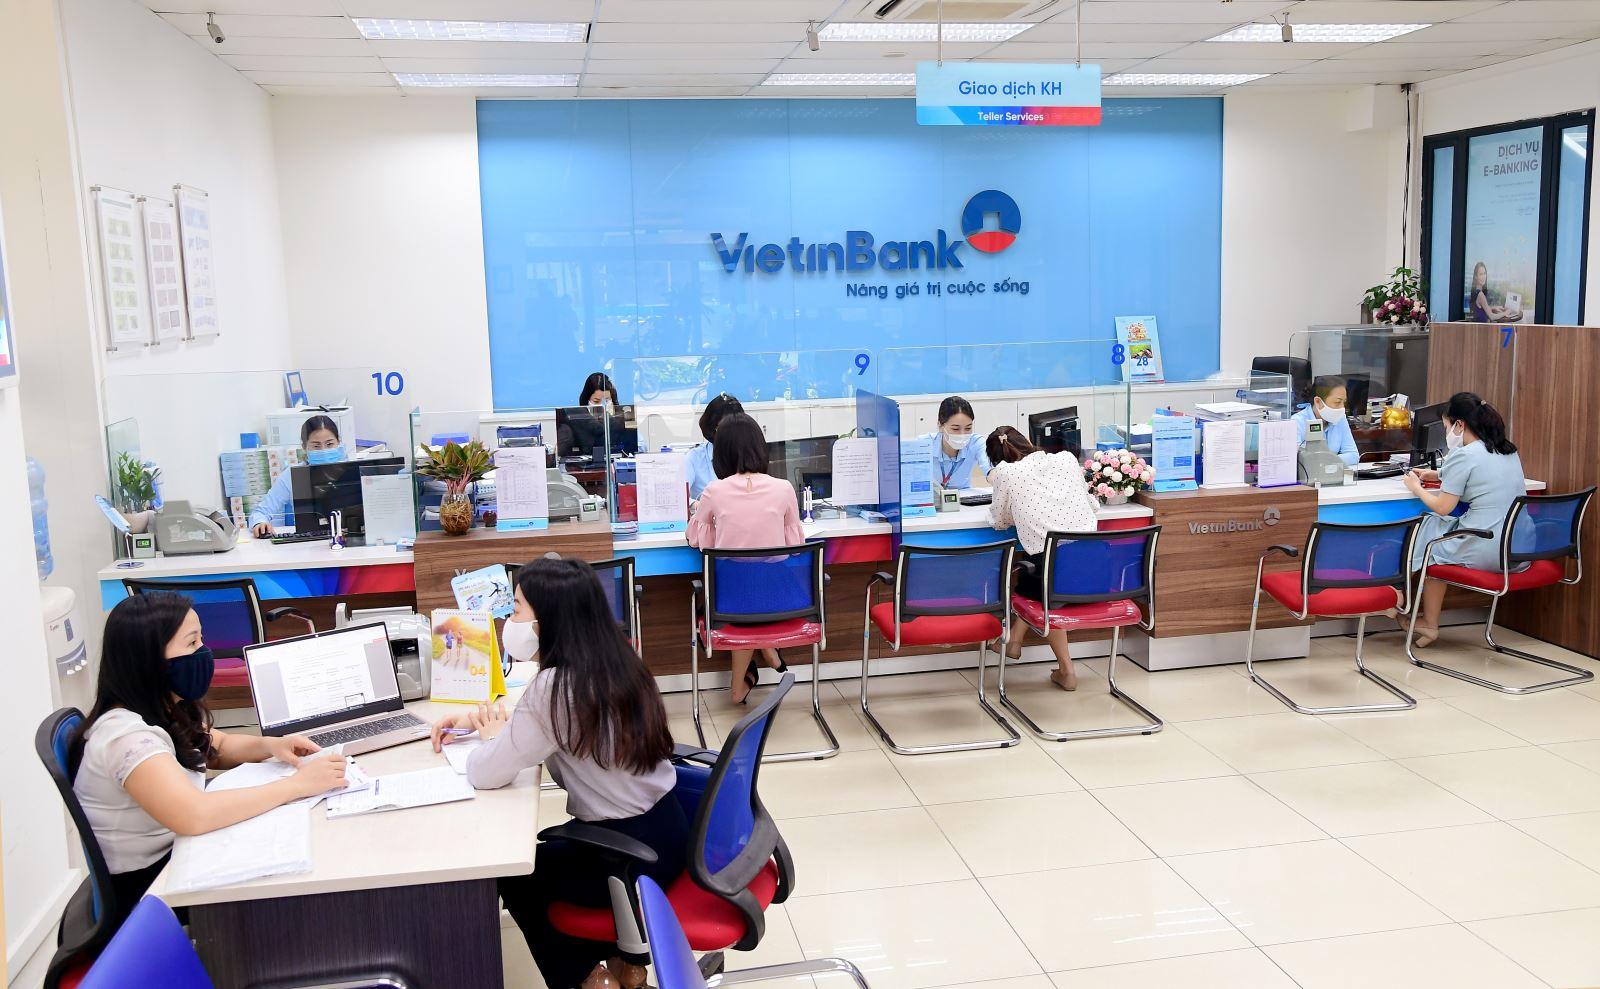 Lãi suất ngân hàng VietinBank mới nhất tháng 3/2021 - Ảnh 1.